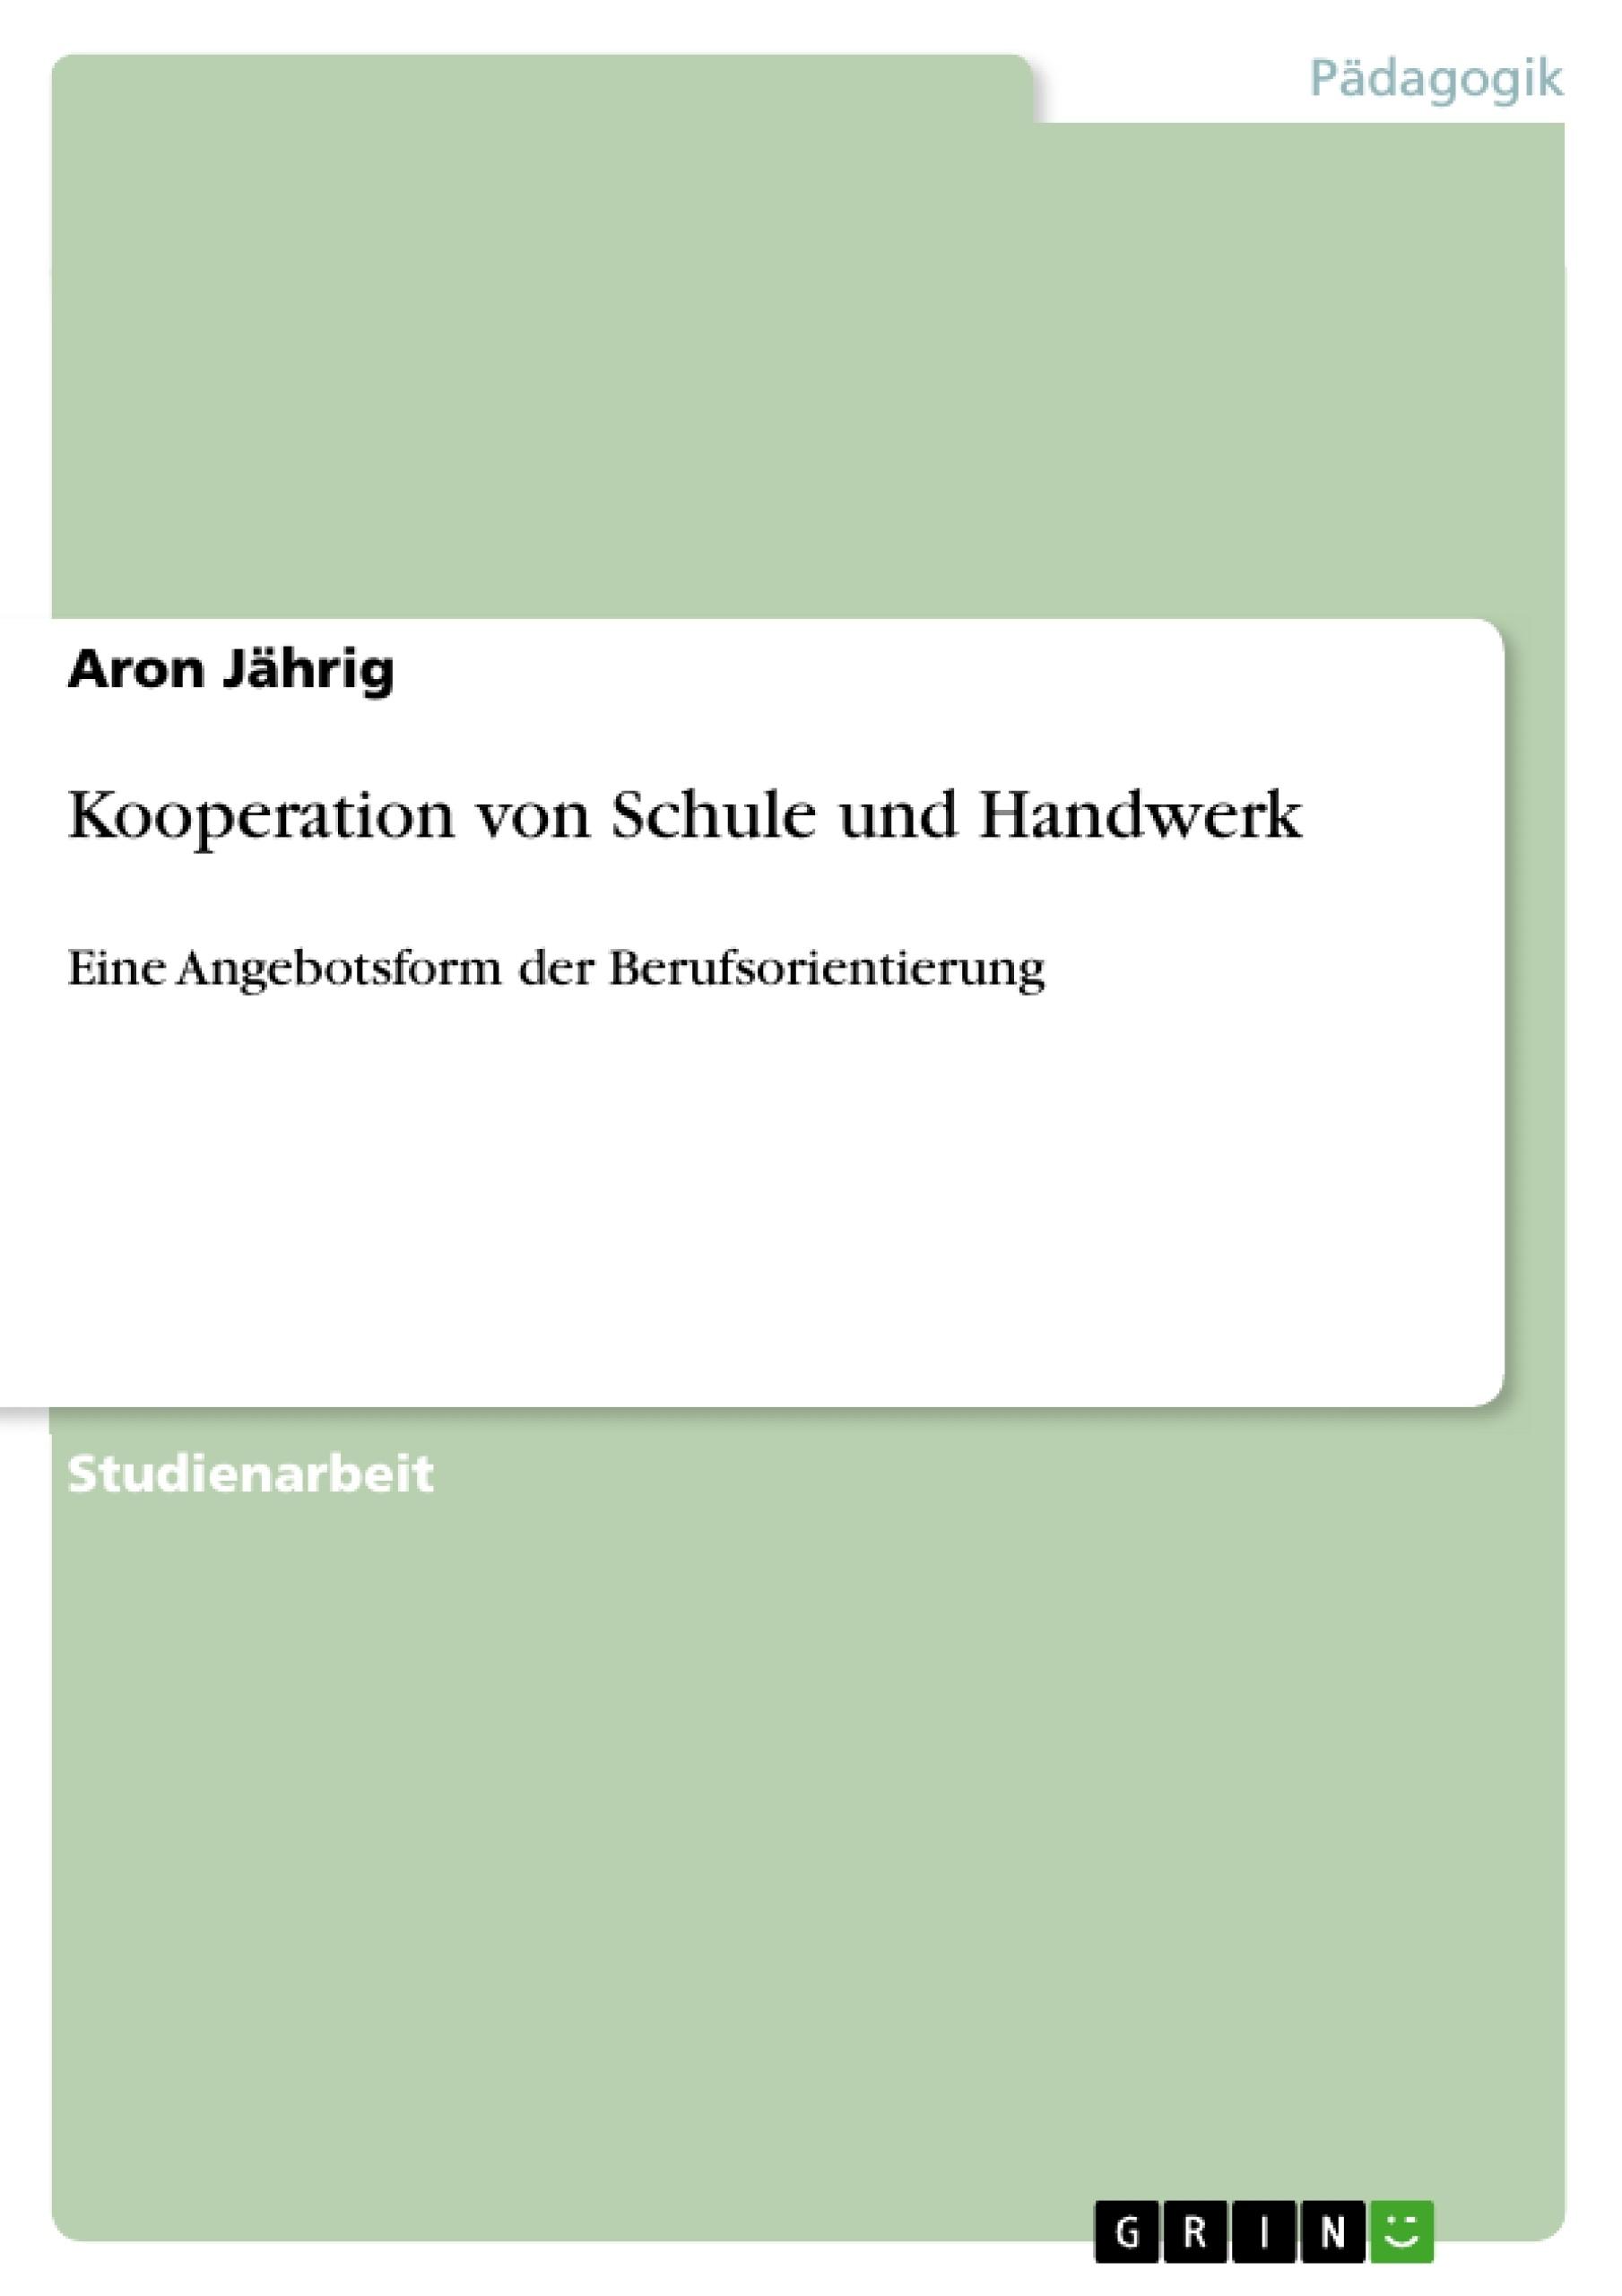 Titel: Kooperation von Schule und Handwerk